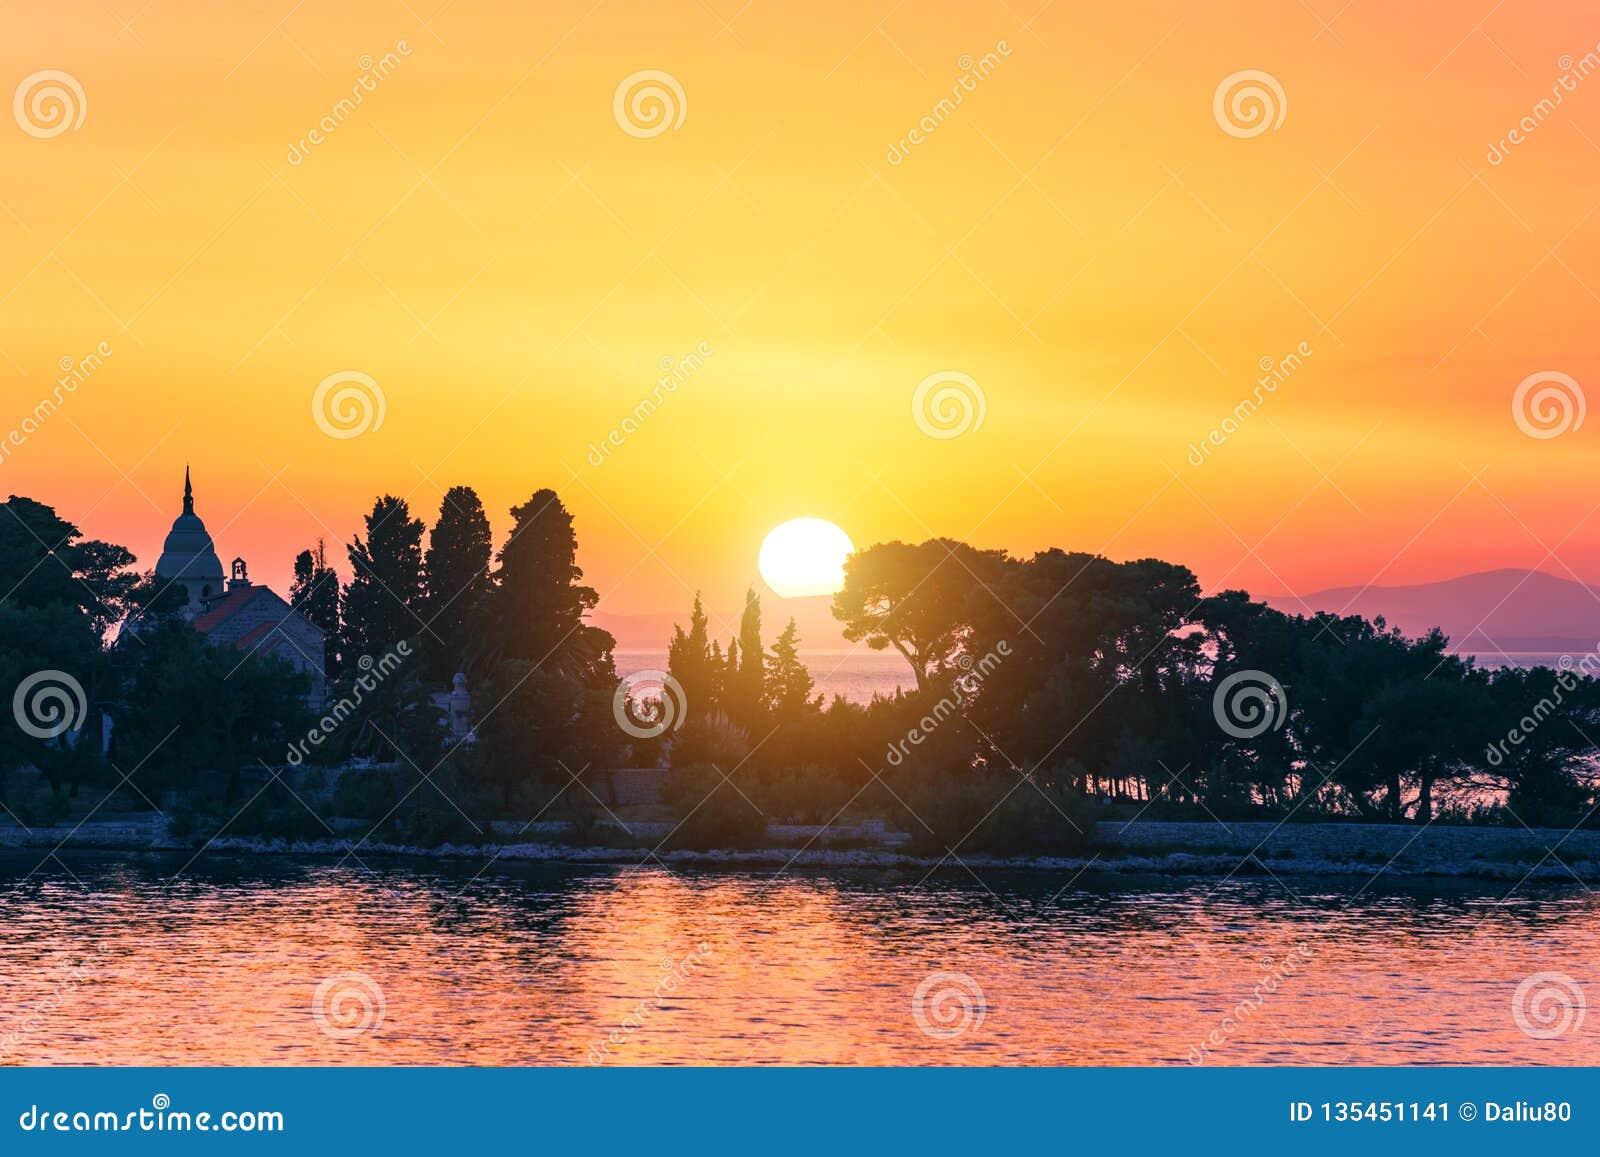 Zmierzch lub wschód słońca niebo nad morze Natura, pogoda, atmosfera, podróż temat Wschód słońca lub zmierzch nad morzem panorama